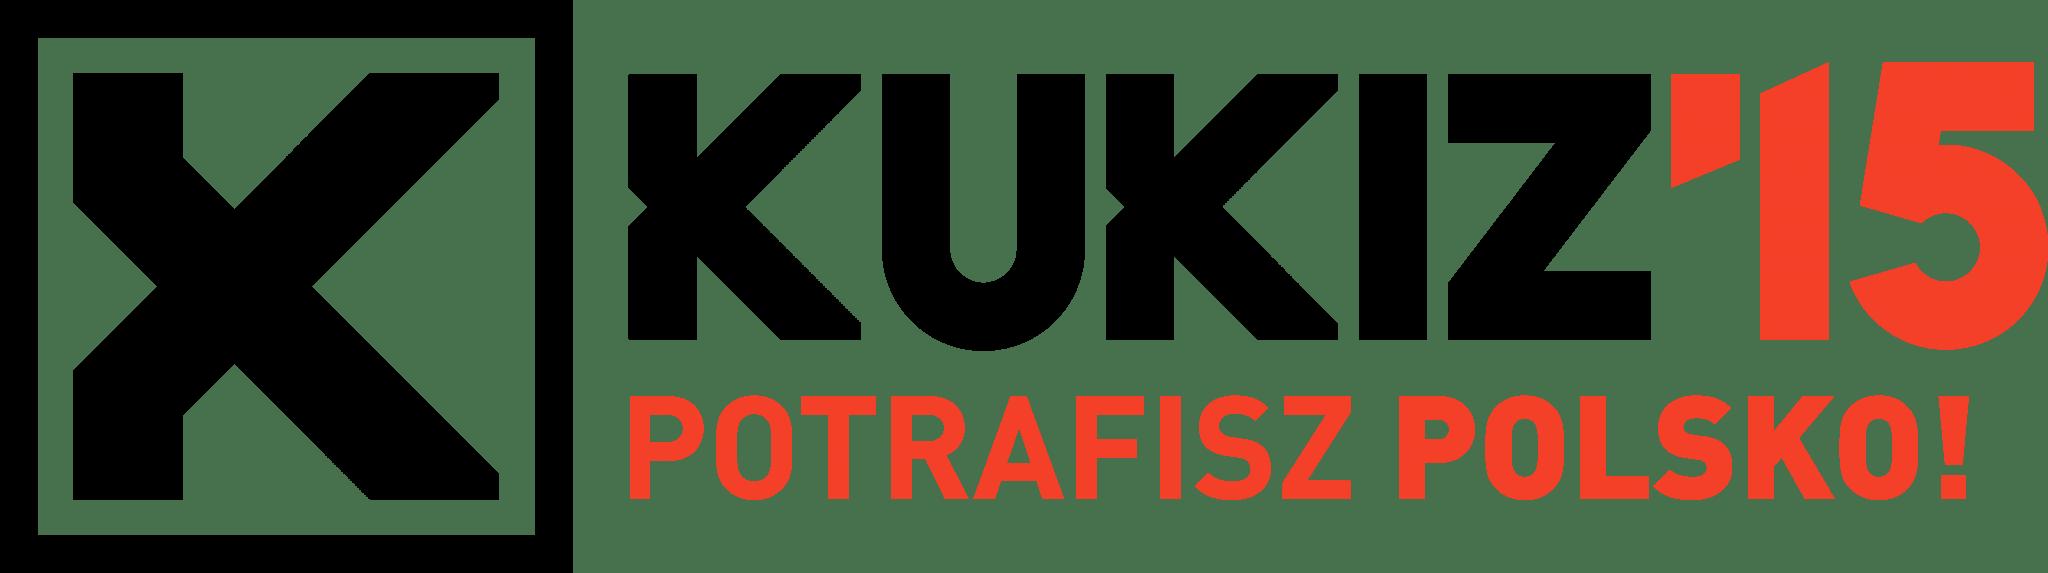 Sprawdzamy sondaże - https://www.sprawdzamysondaze.pl/wp-content/uploads/2019/03/loga-kukiz15-czarne-bialo-czerwone-do-pobrania.png